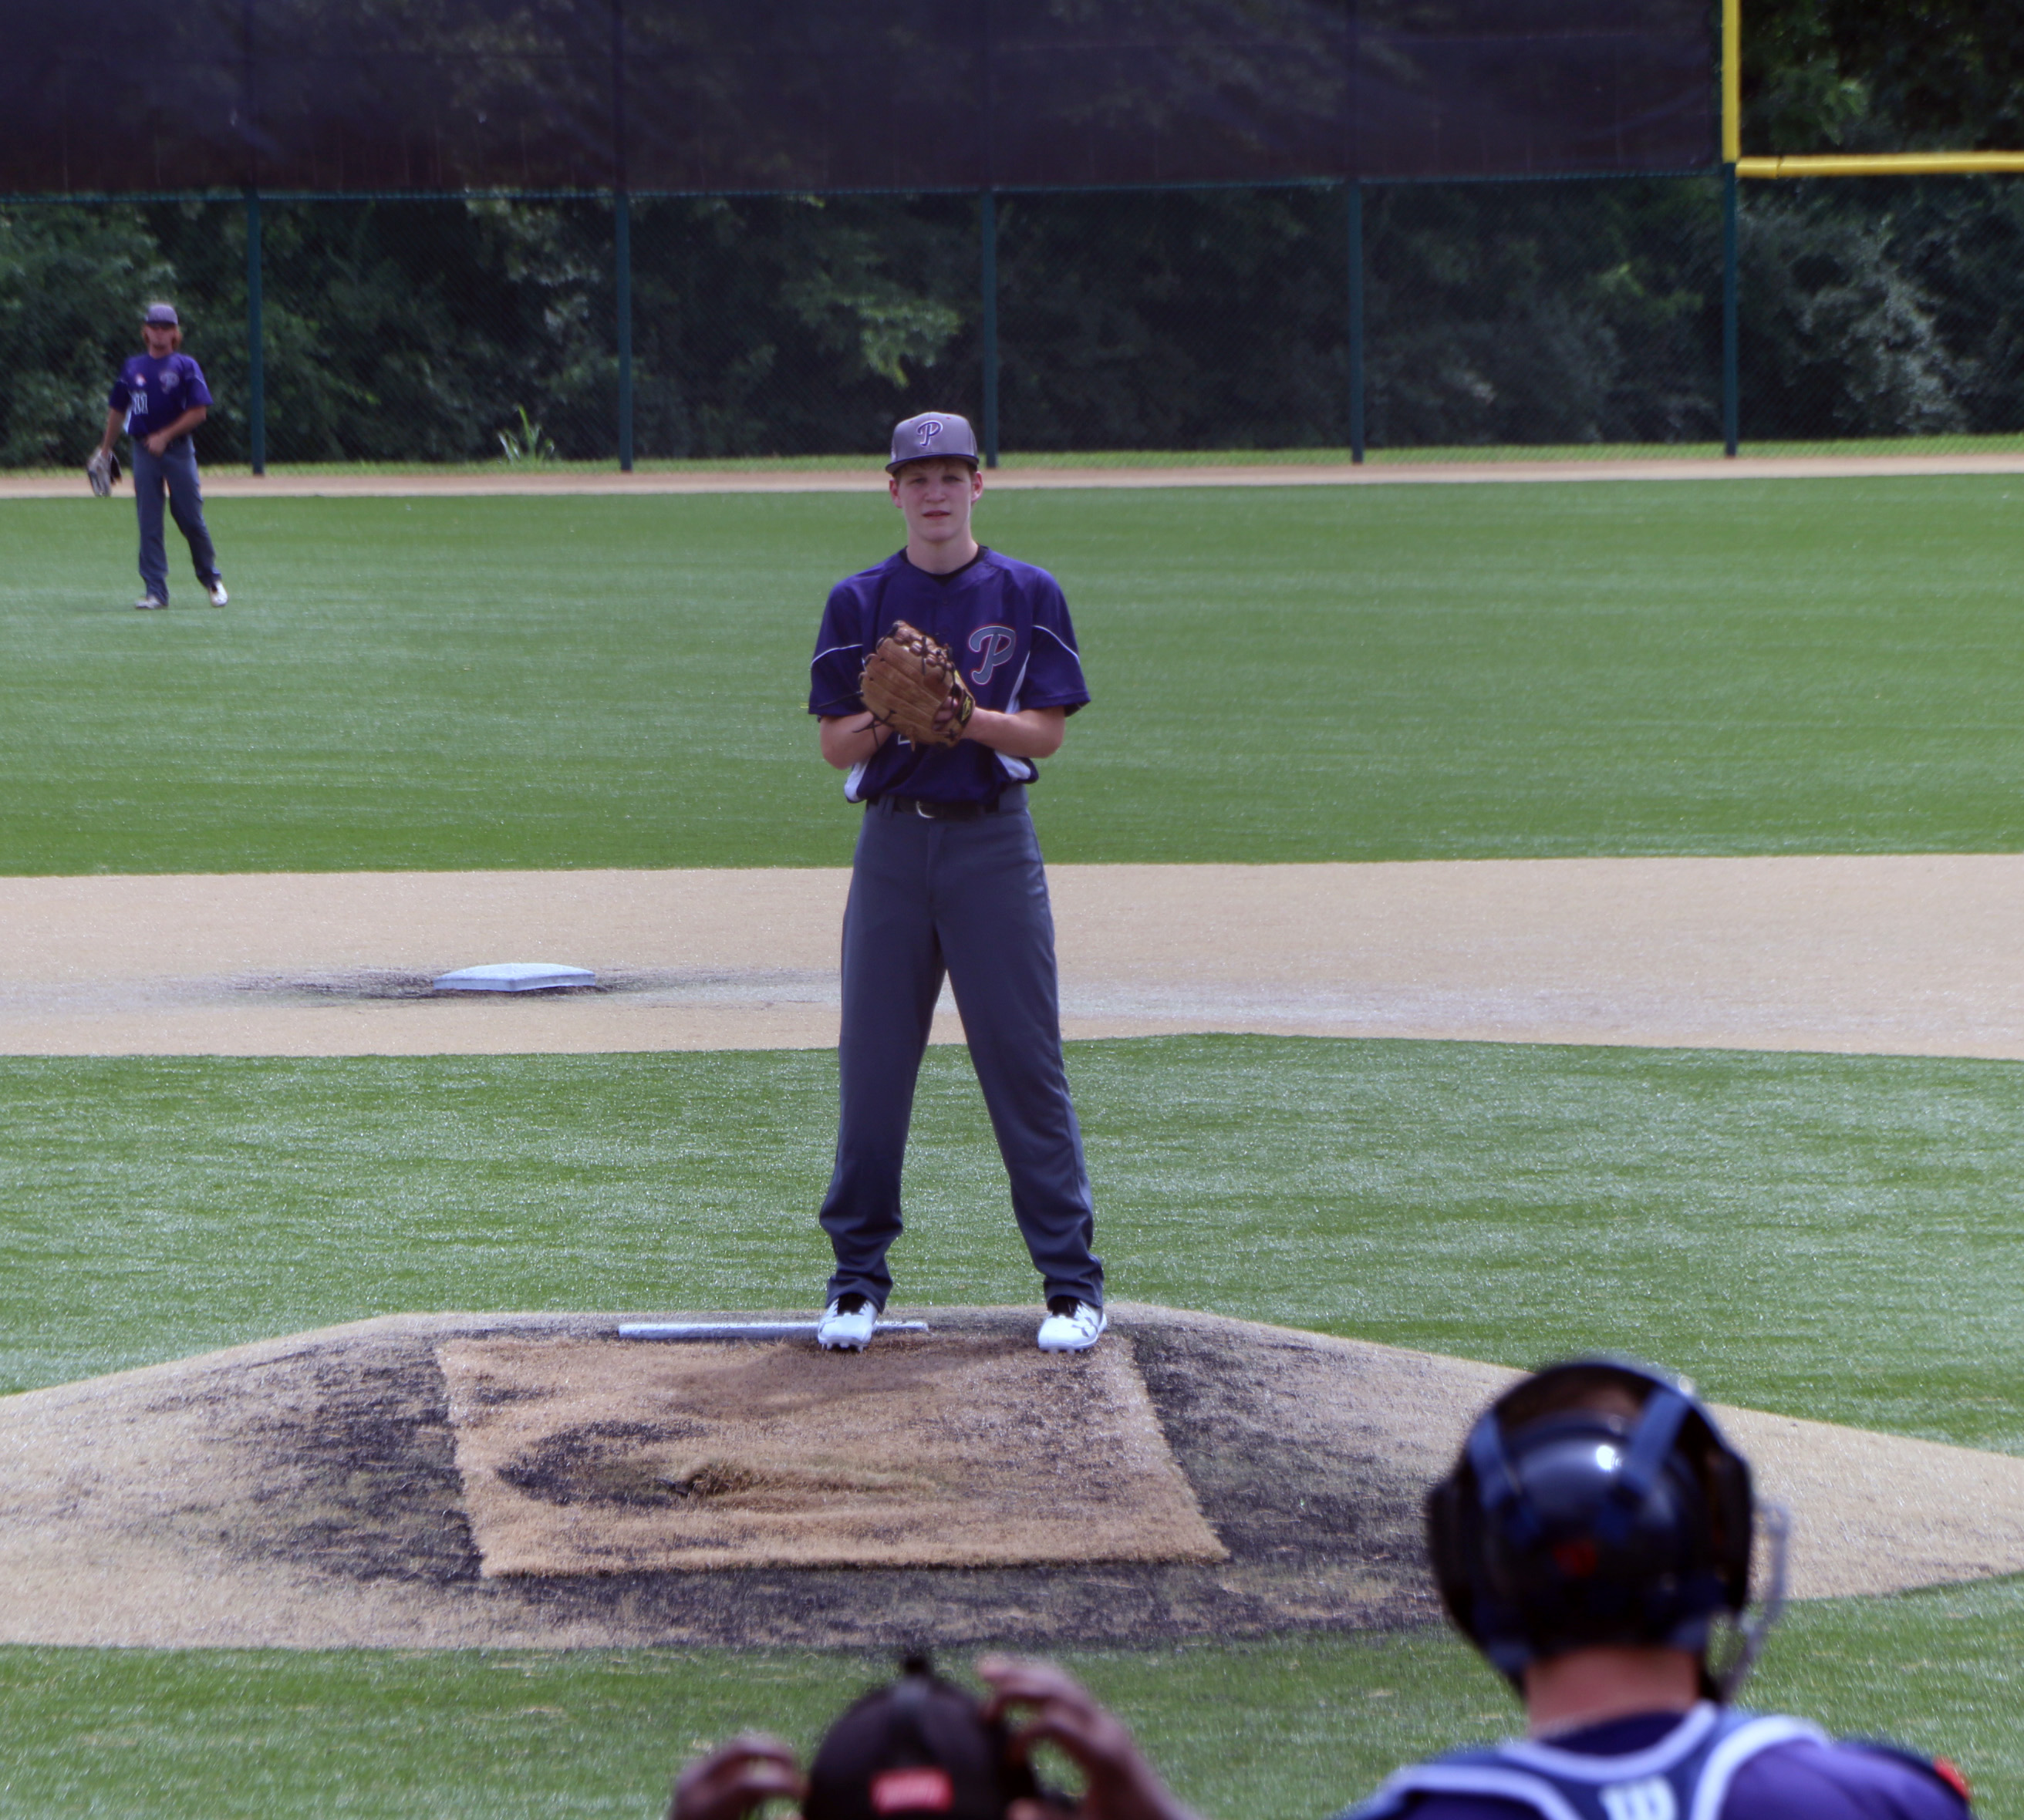 Heath on the mound